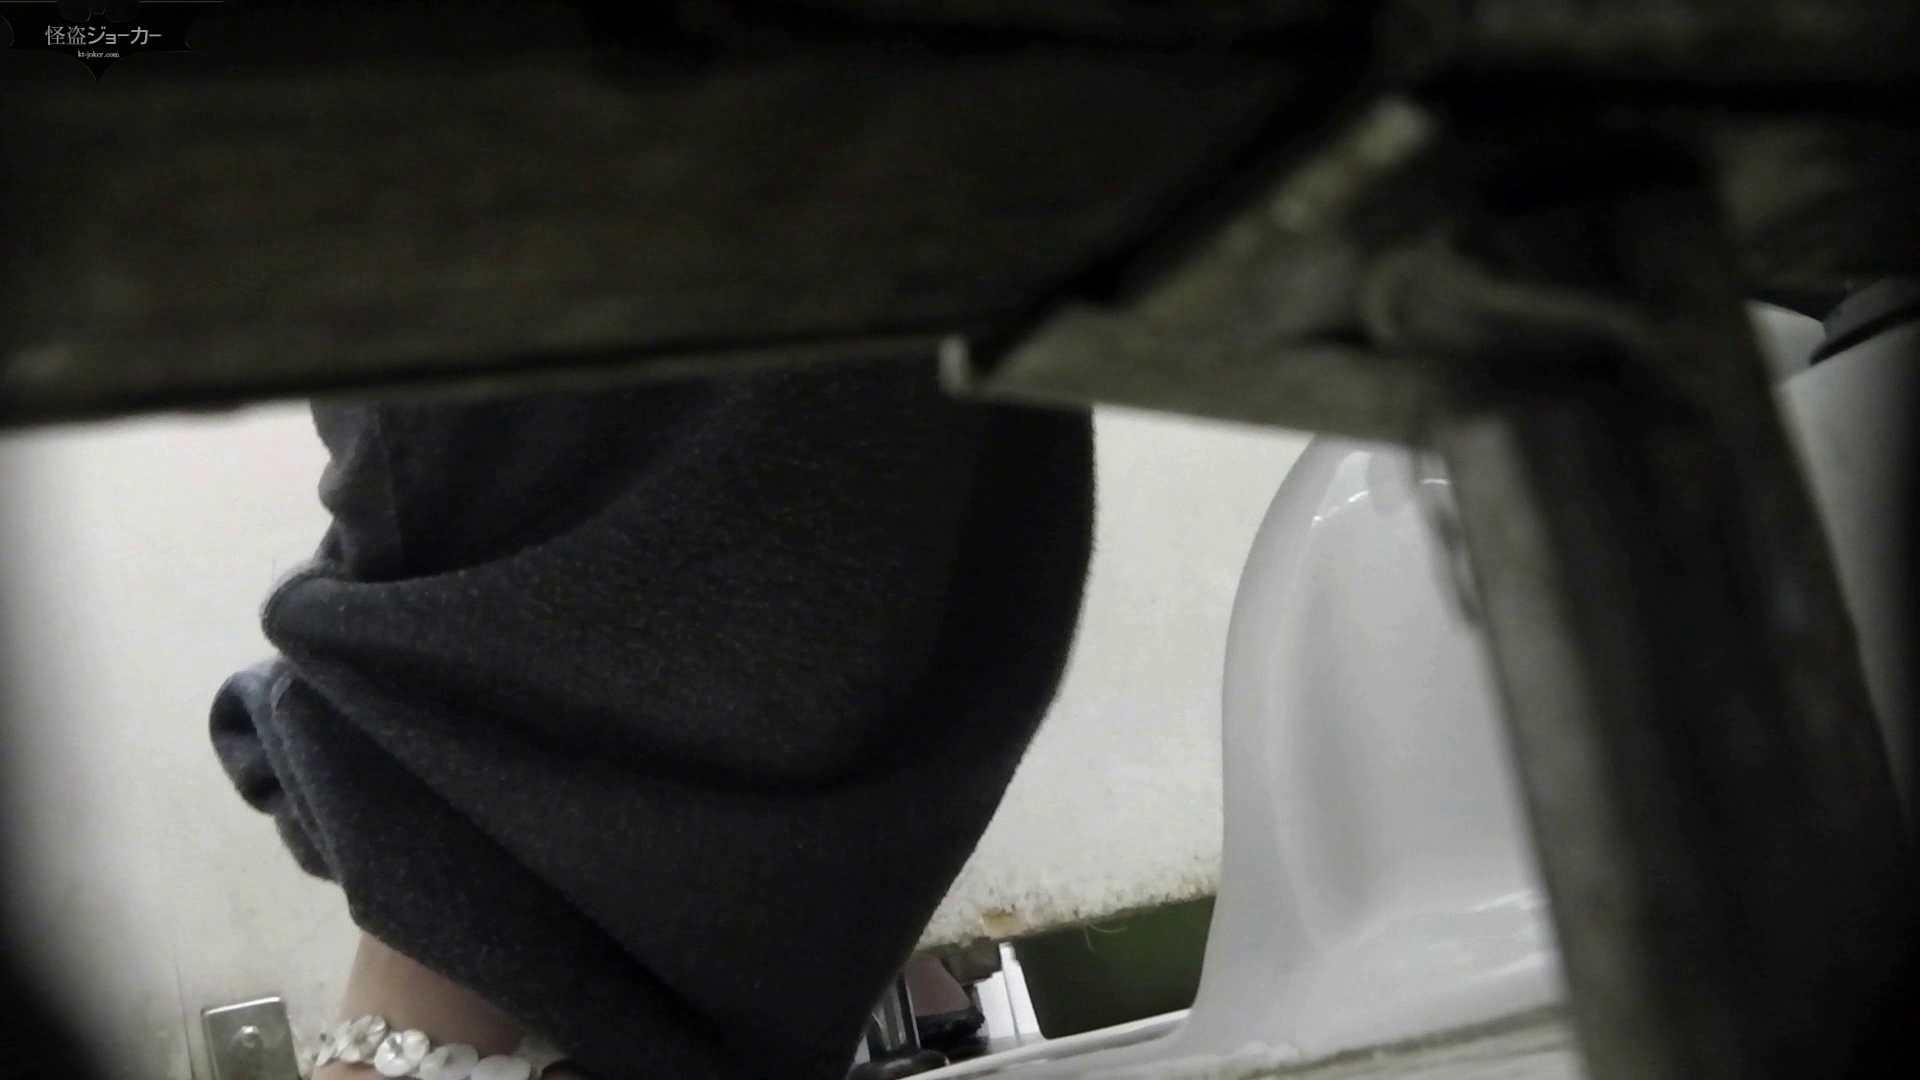 【美しき個室な世界】洗面所特攻隊 vol.051 洗面所 | OLの実態  49pic 27